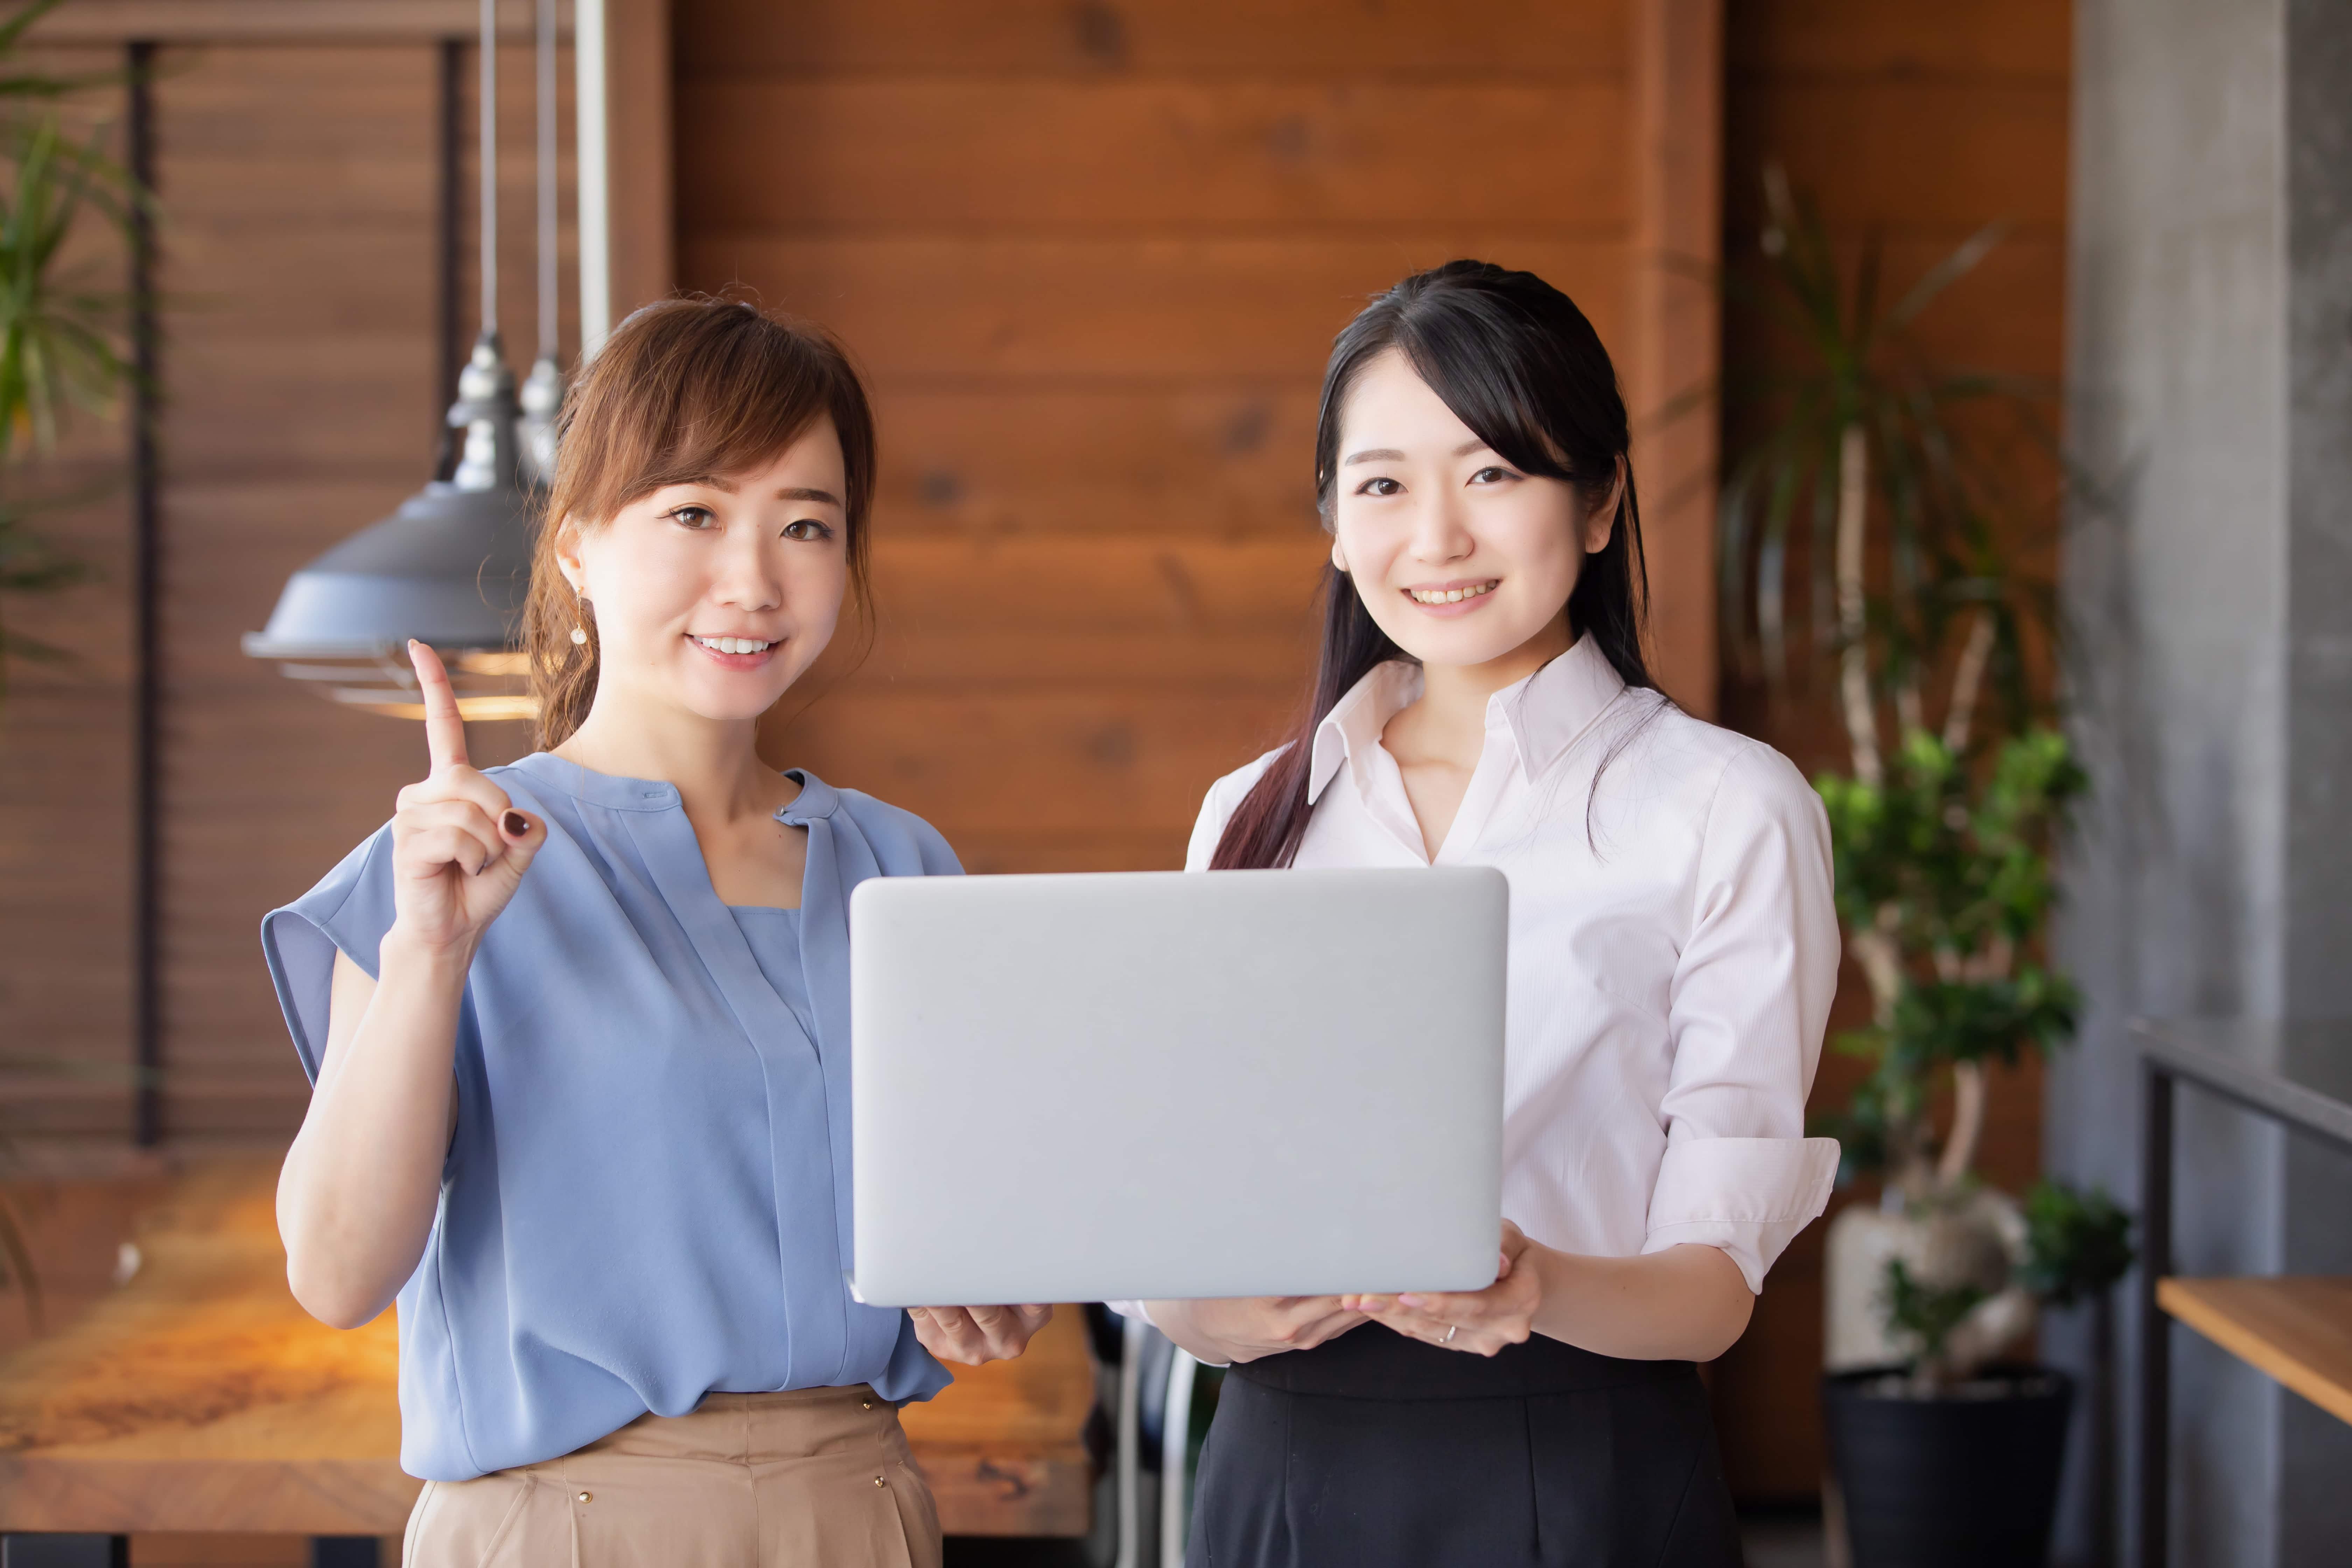 パソコンを持つ女性スタッフ